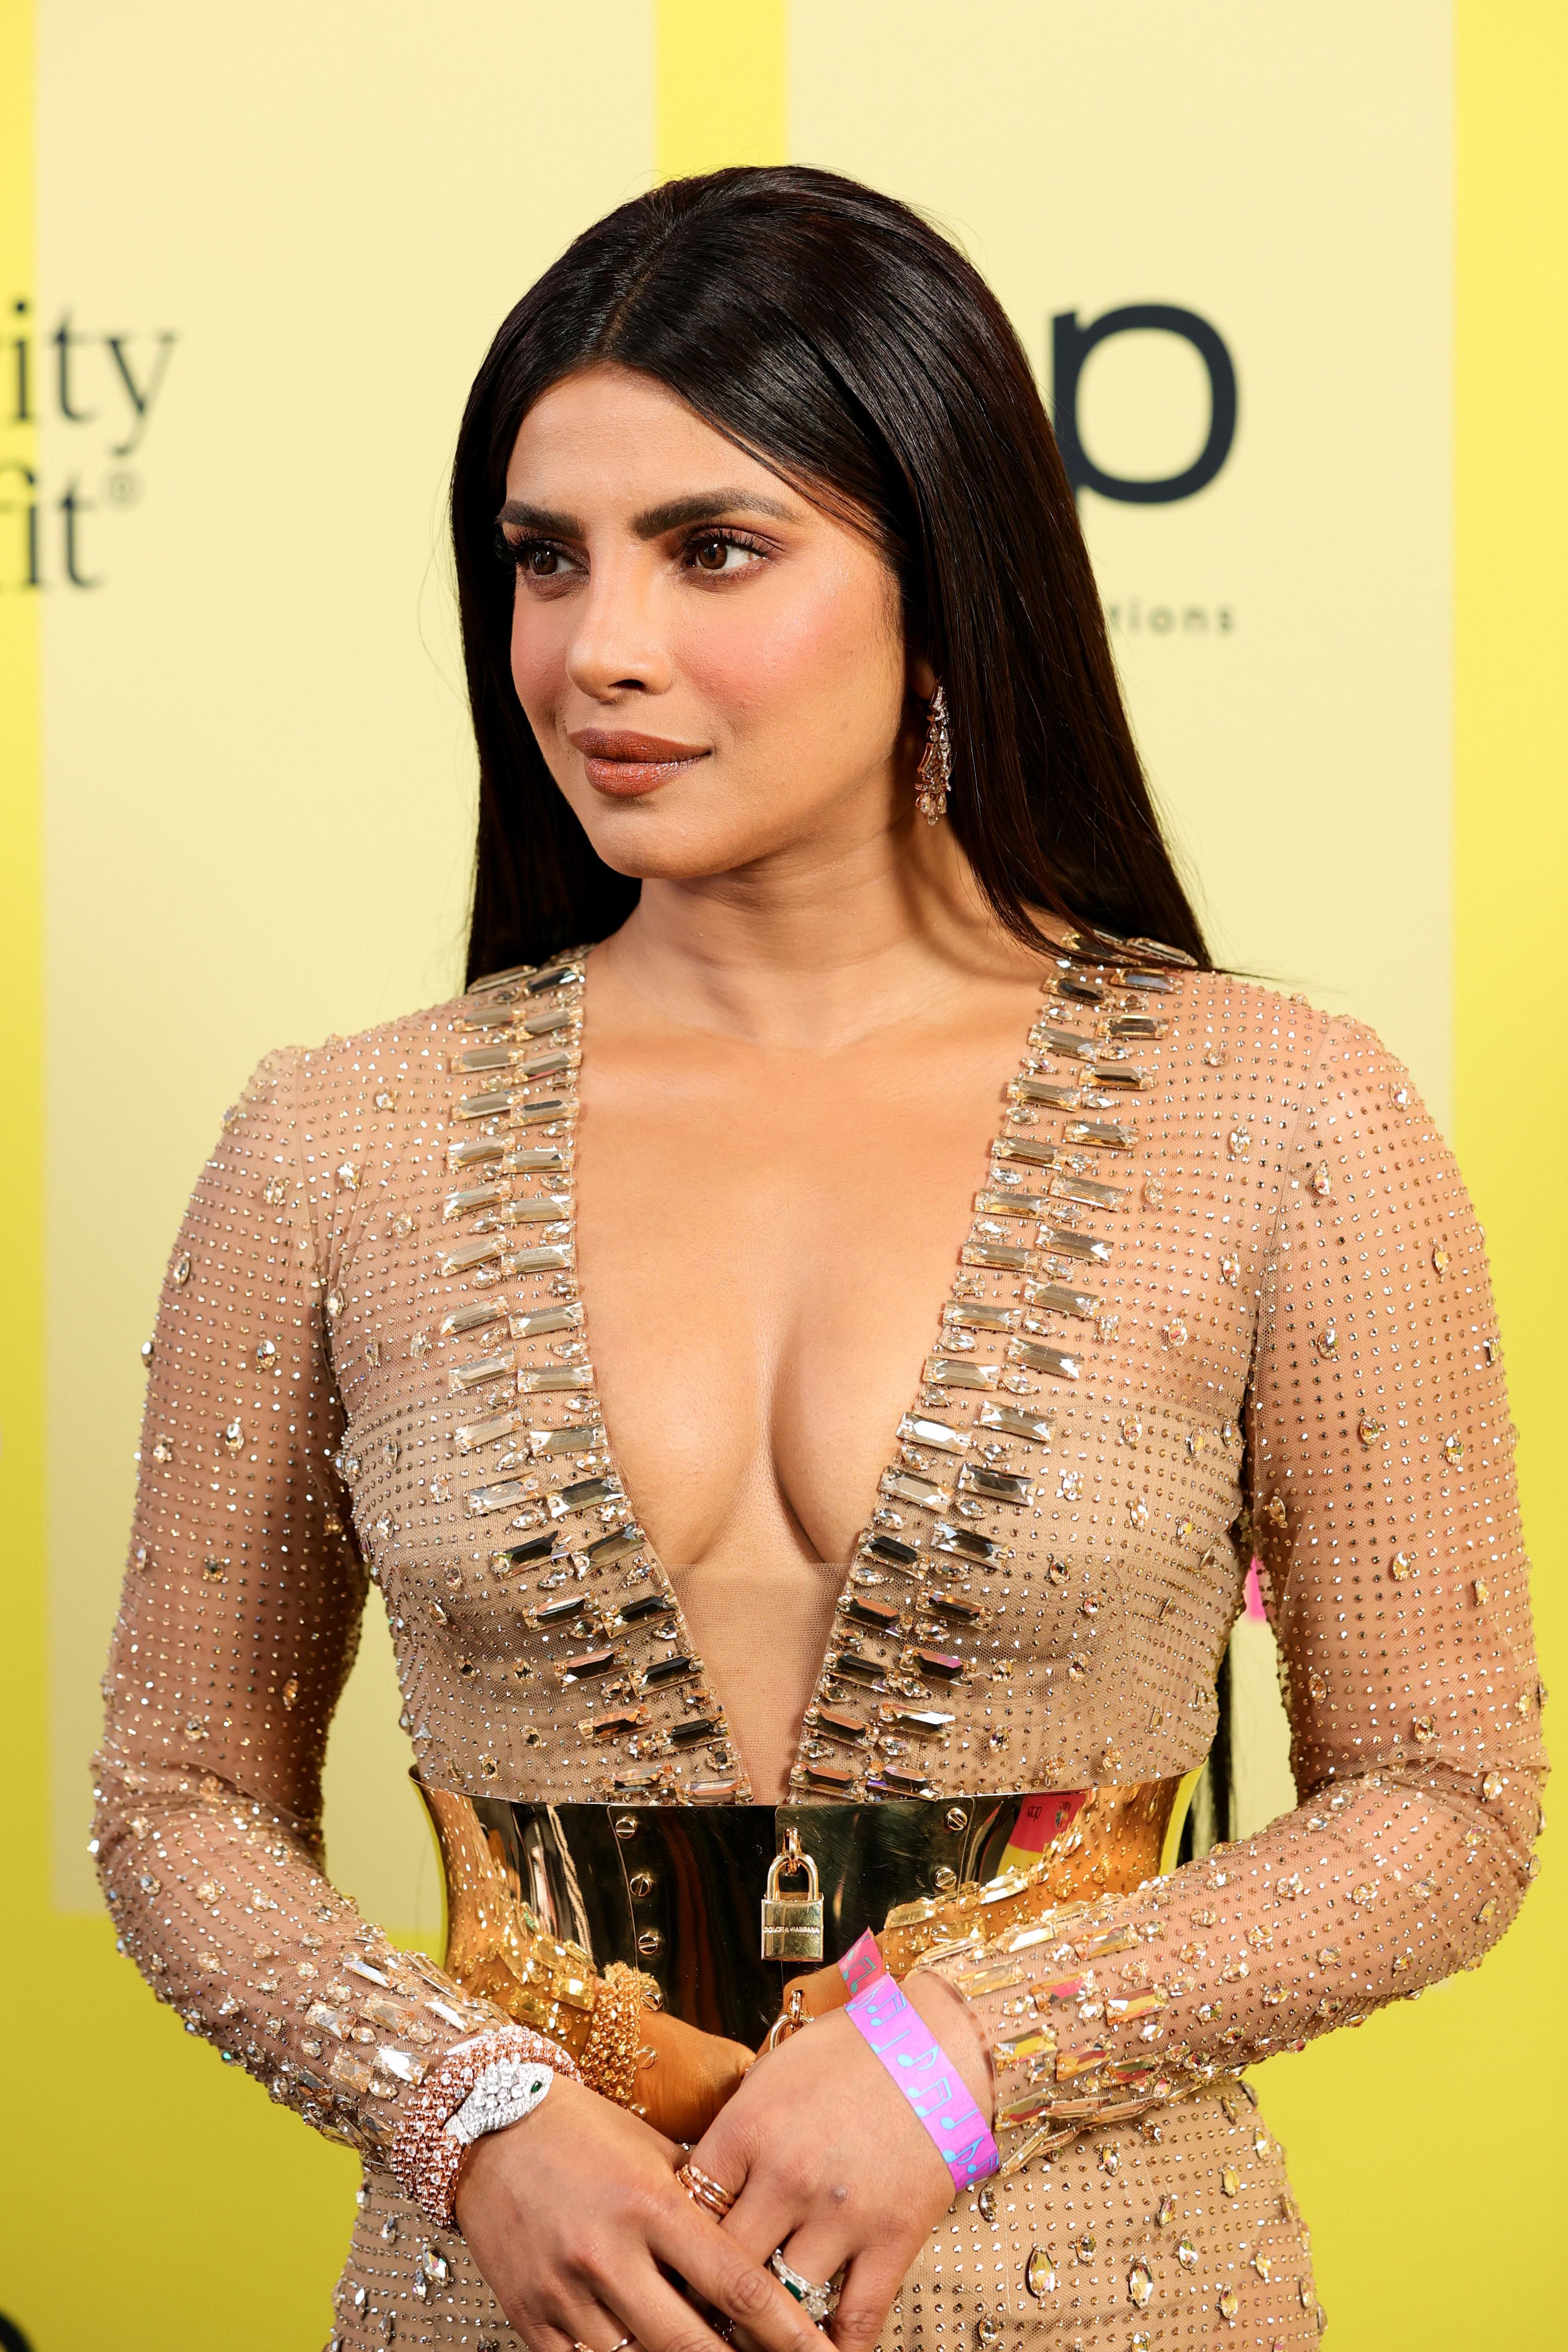 Priyanka Chopra is photographed at the 2021 Billboard Music Awards